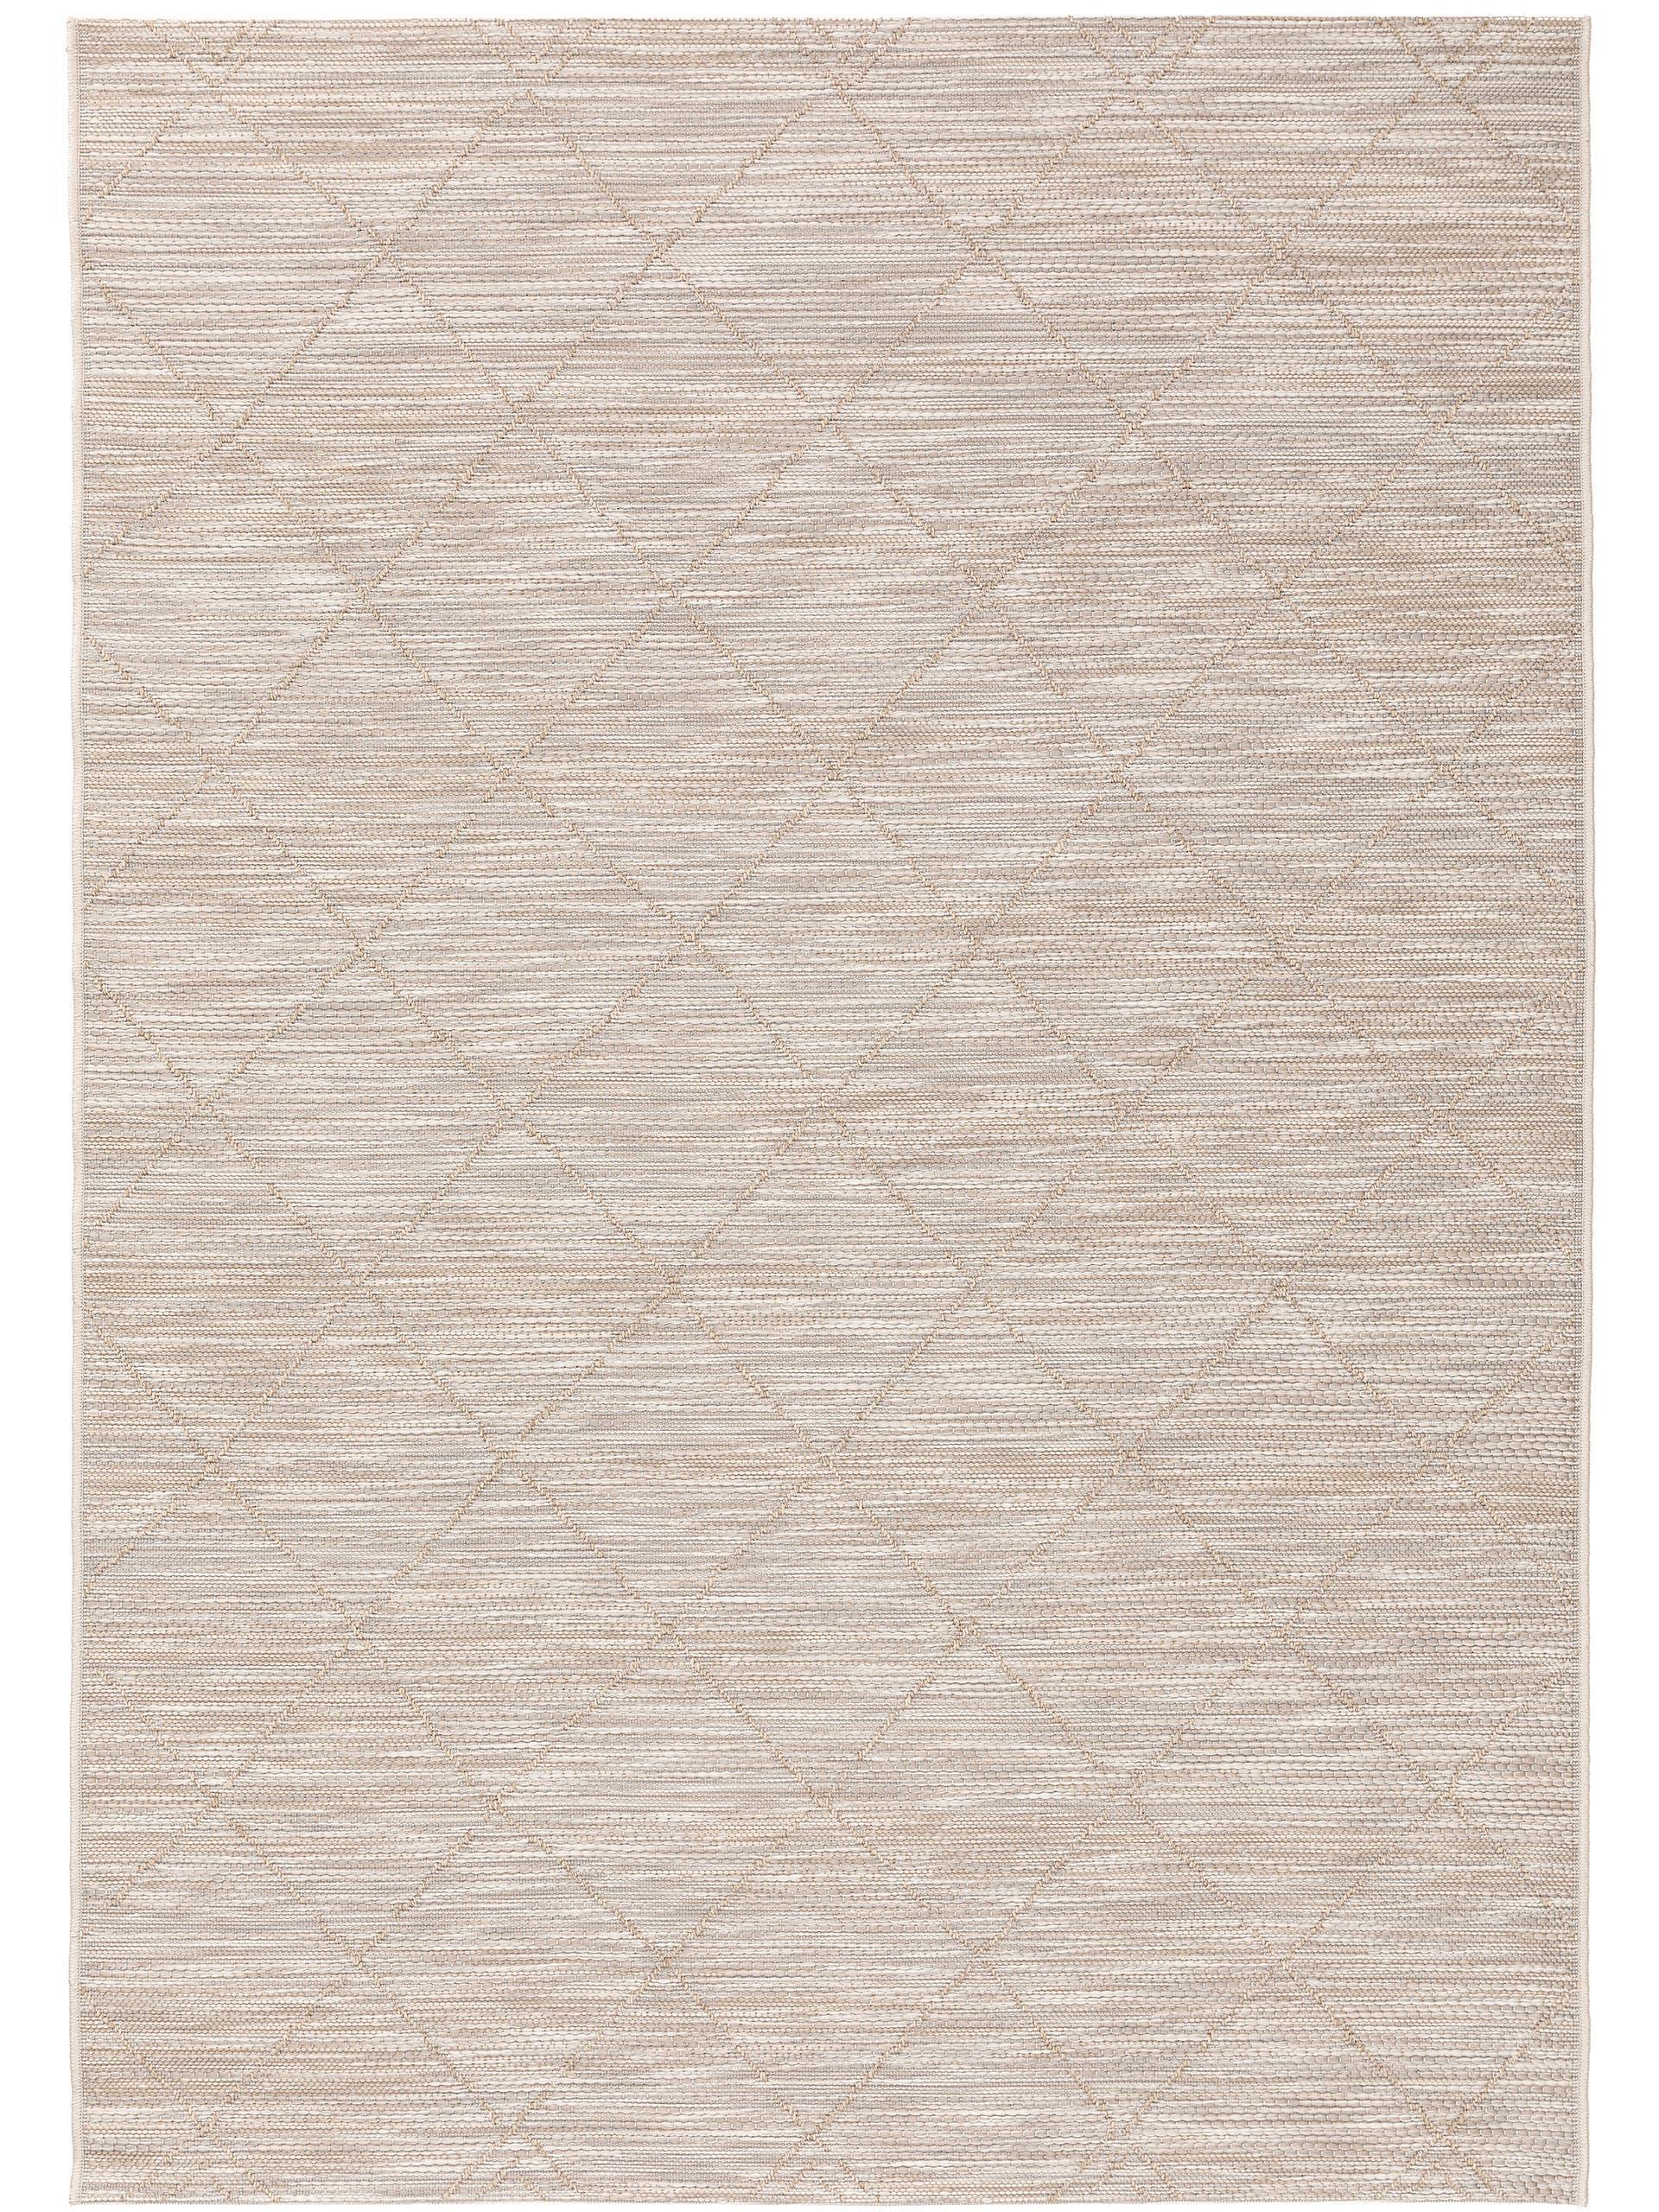 Tapis d'extérieur & intérieur beige 200x290